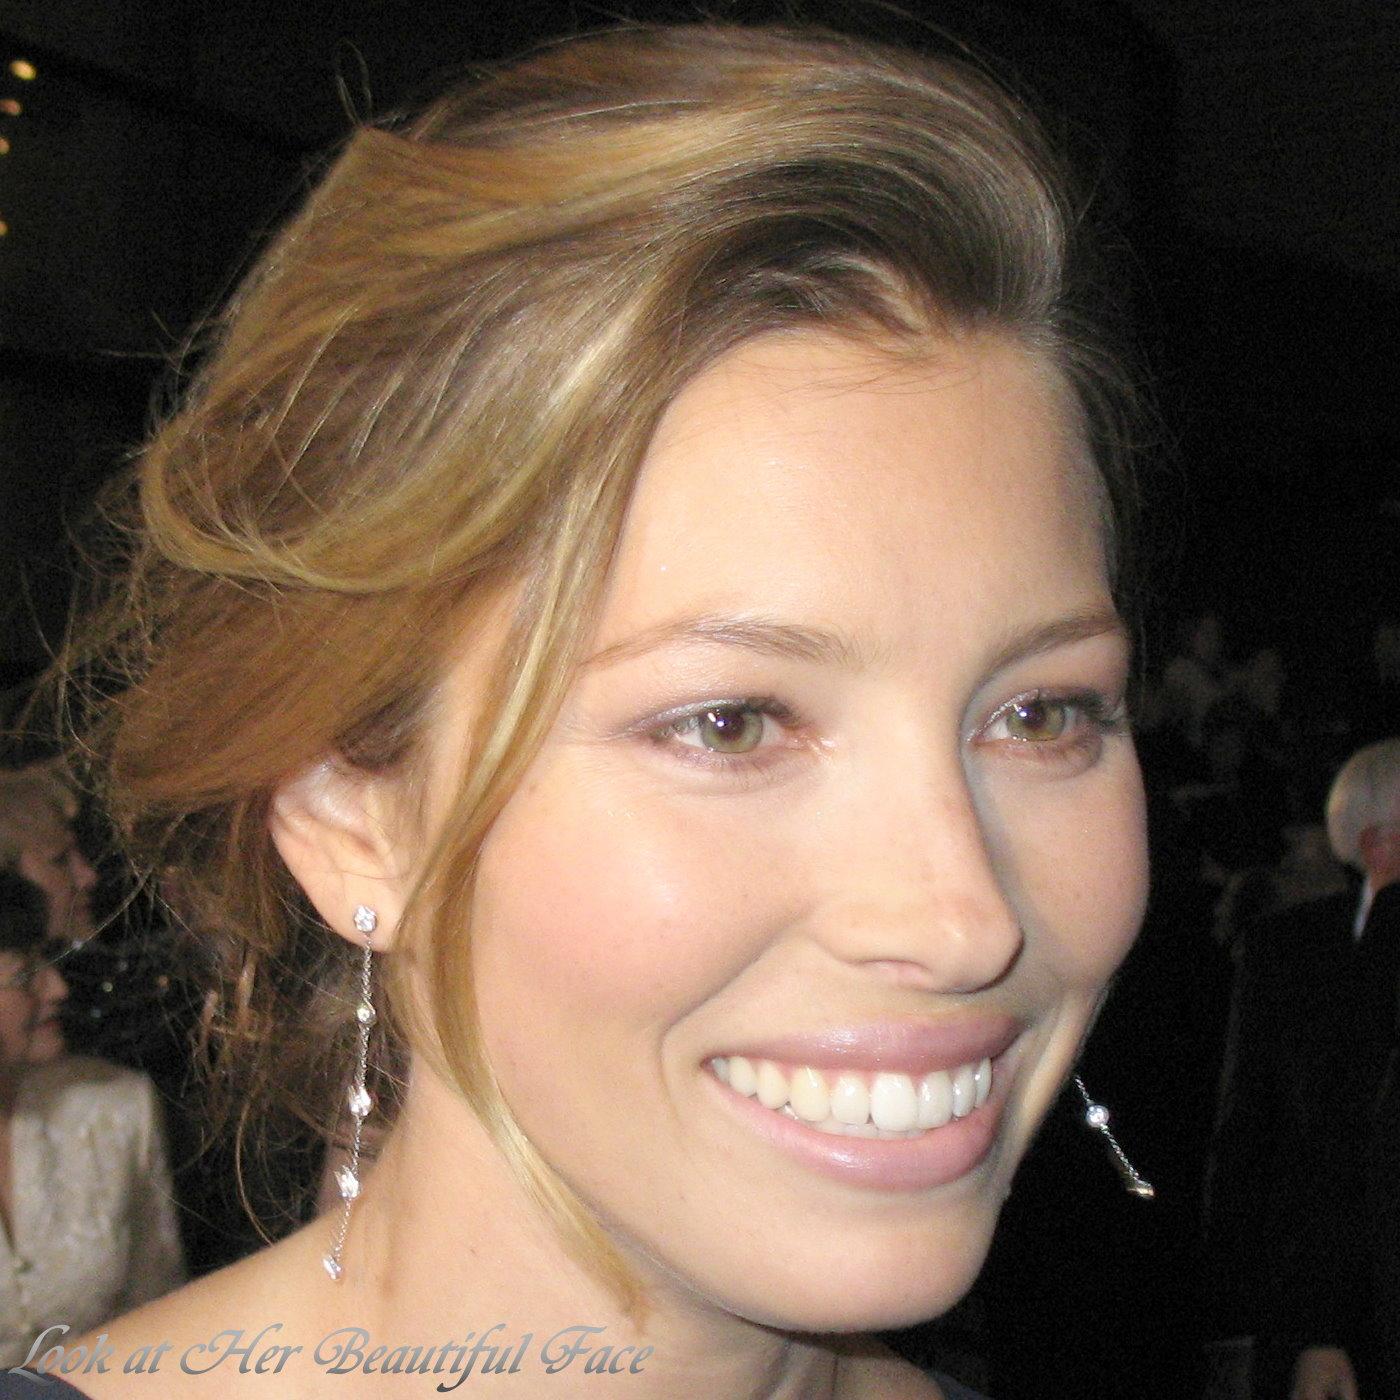 Jessica Biel Beautiful Face